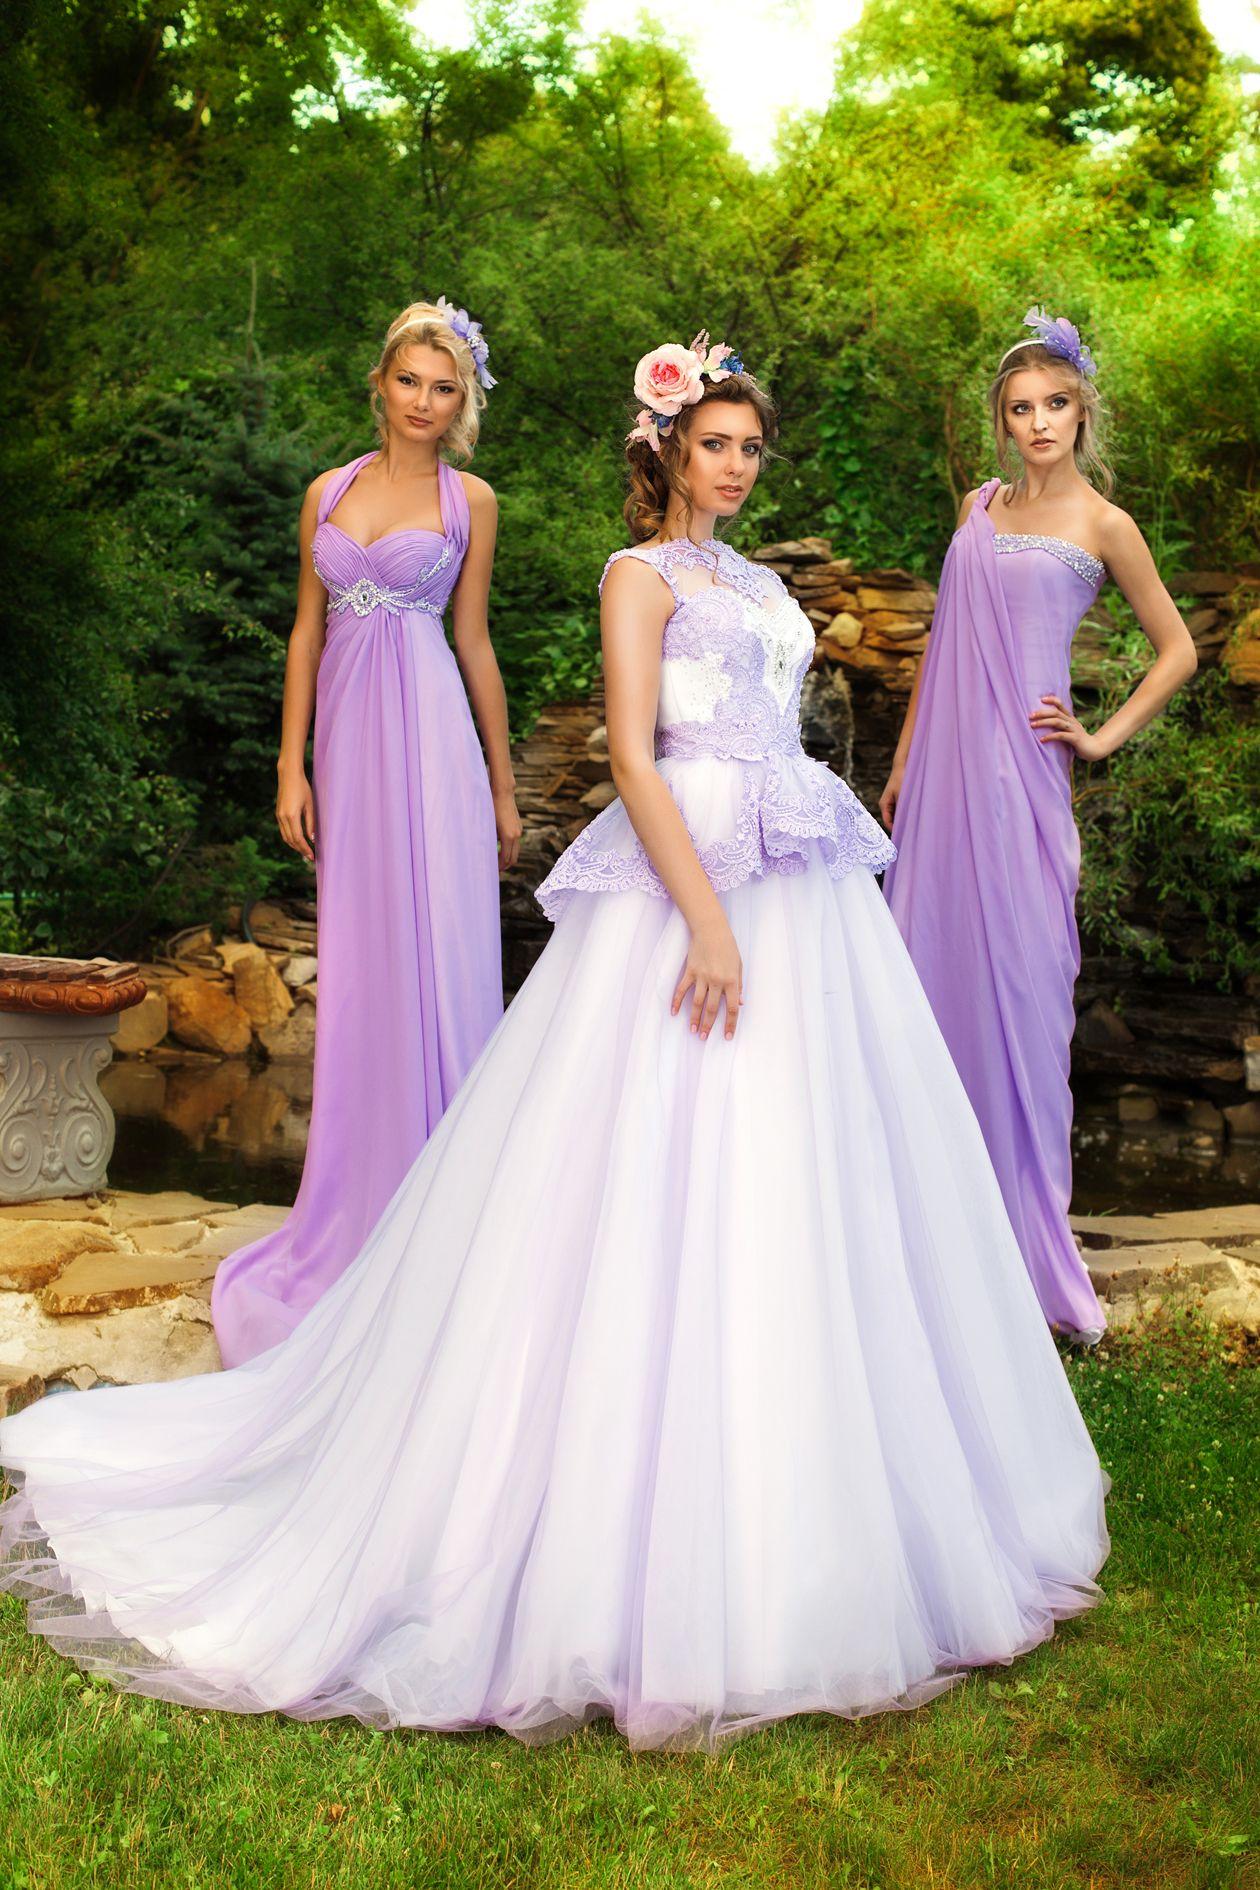 модные свадебные платья на фото